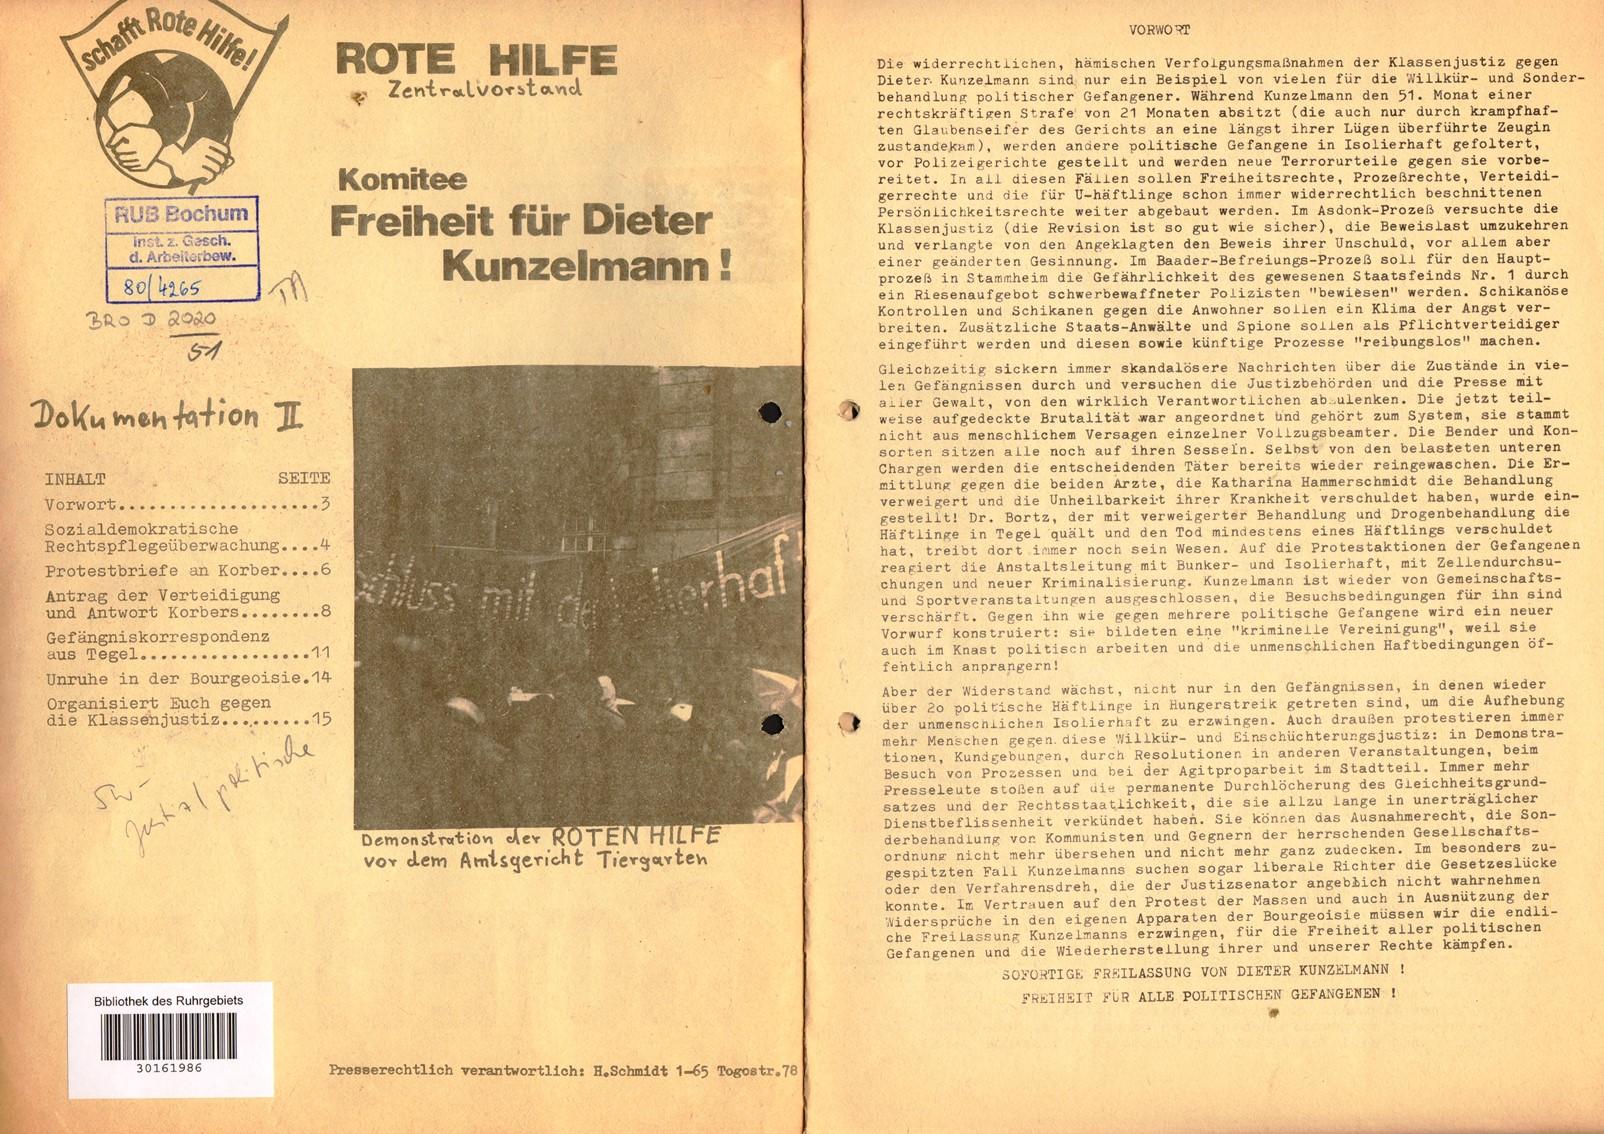 Berlin_RH_1974_Doku_Kunzelmann_2_02